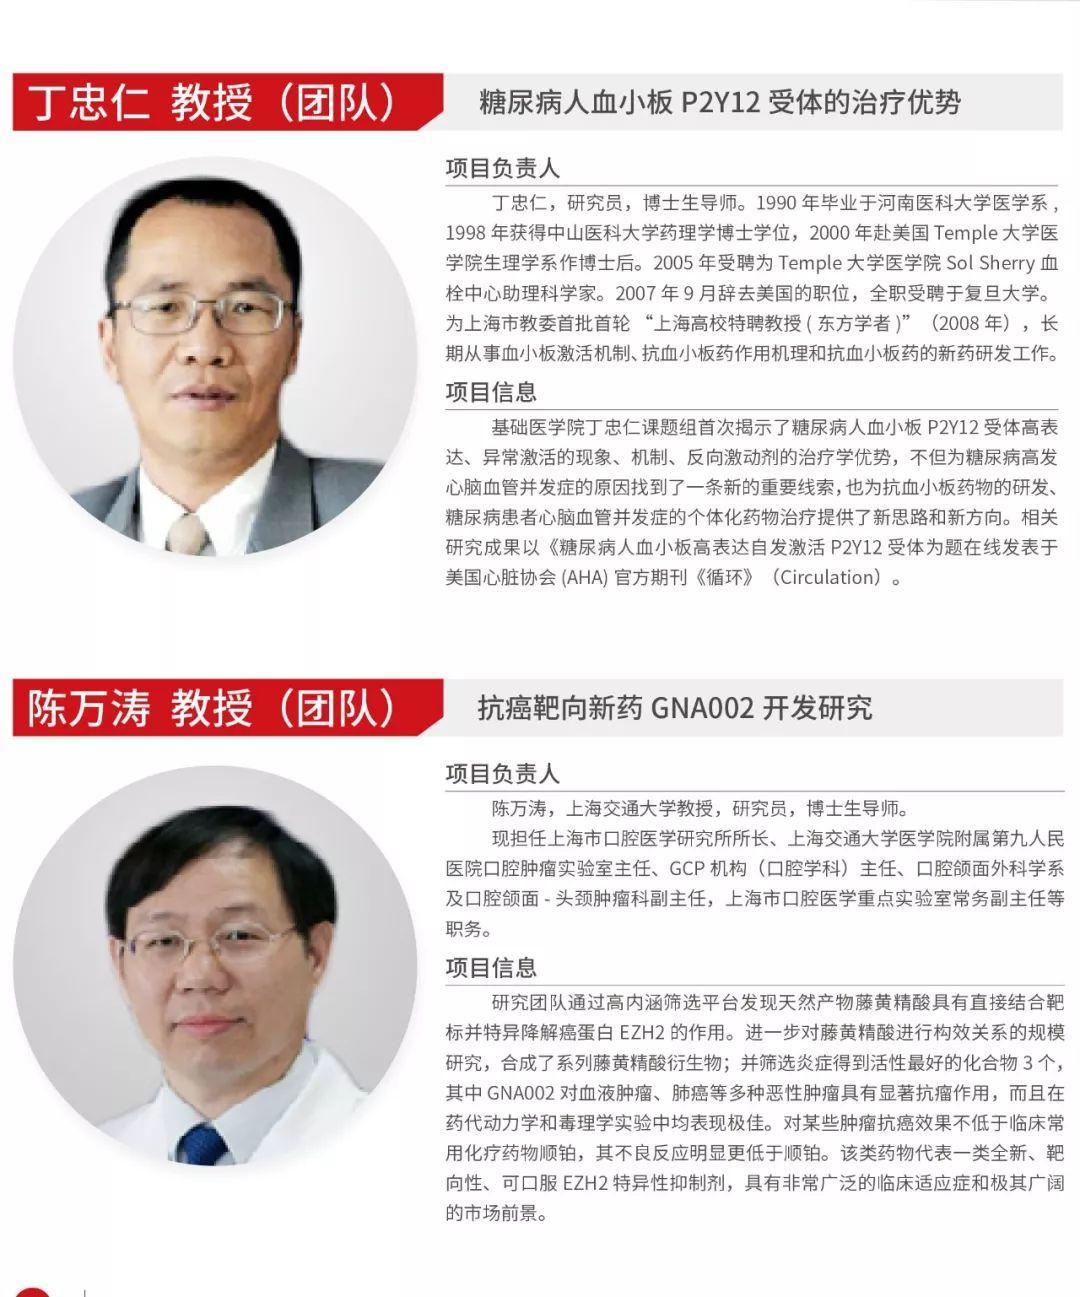 倒计时!2018年的第一场秀,众多医药人士云集张江!